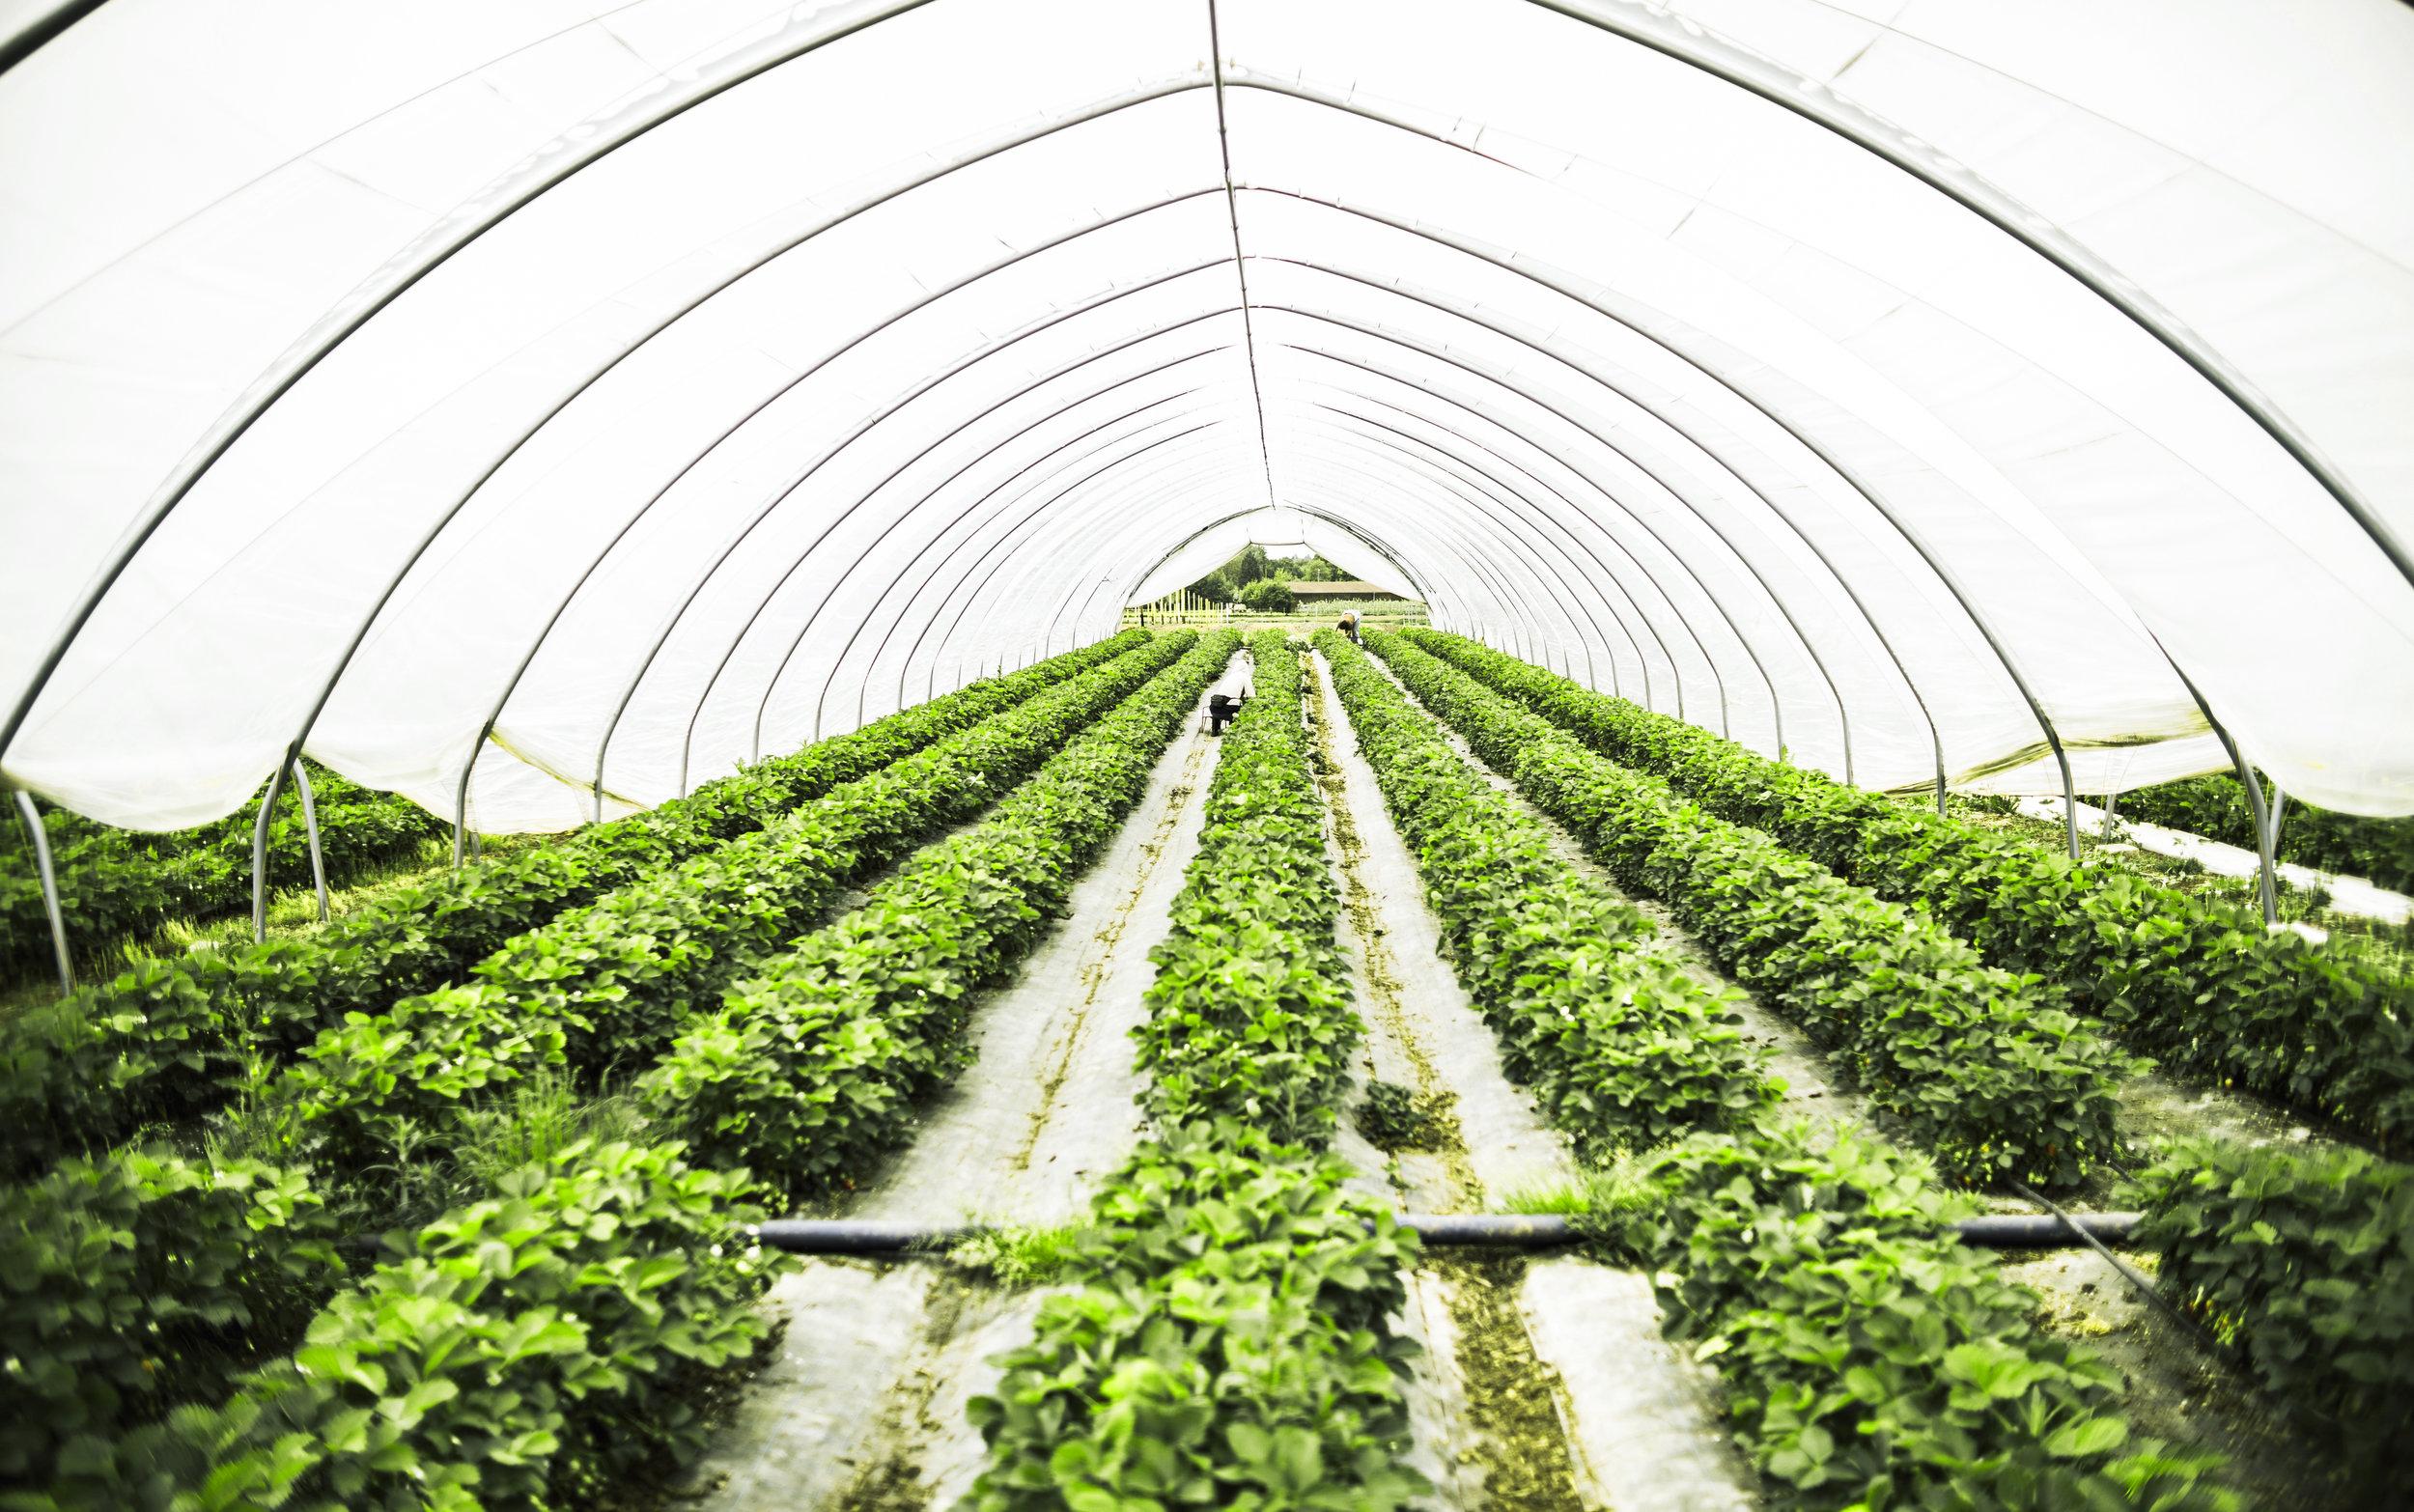 - In der Tunneln reifen unsere frühesten Erdbeeren heran die Ernte beginnt Ende April.In der Hochsaison beschäftigen wir bis zu 150 Saisonarbeiter. Sie kommen aus Rumänien und Polen. Einige unserer Mitarbeiter kommen schon seit mehr als 20 Jahren zum Arbeiten. Darüber hinaus gibt es noch 5 ständige Mitarbeiter.